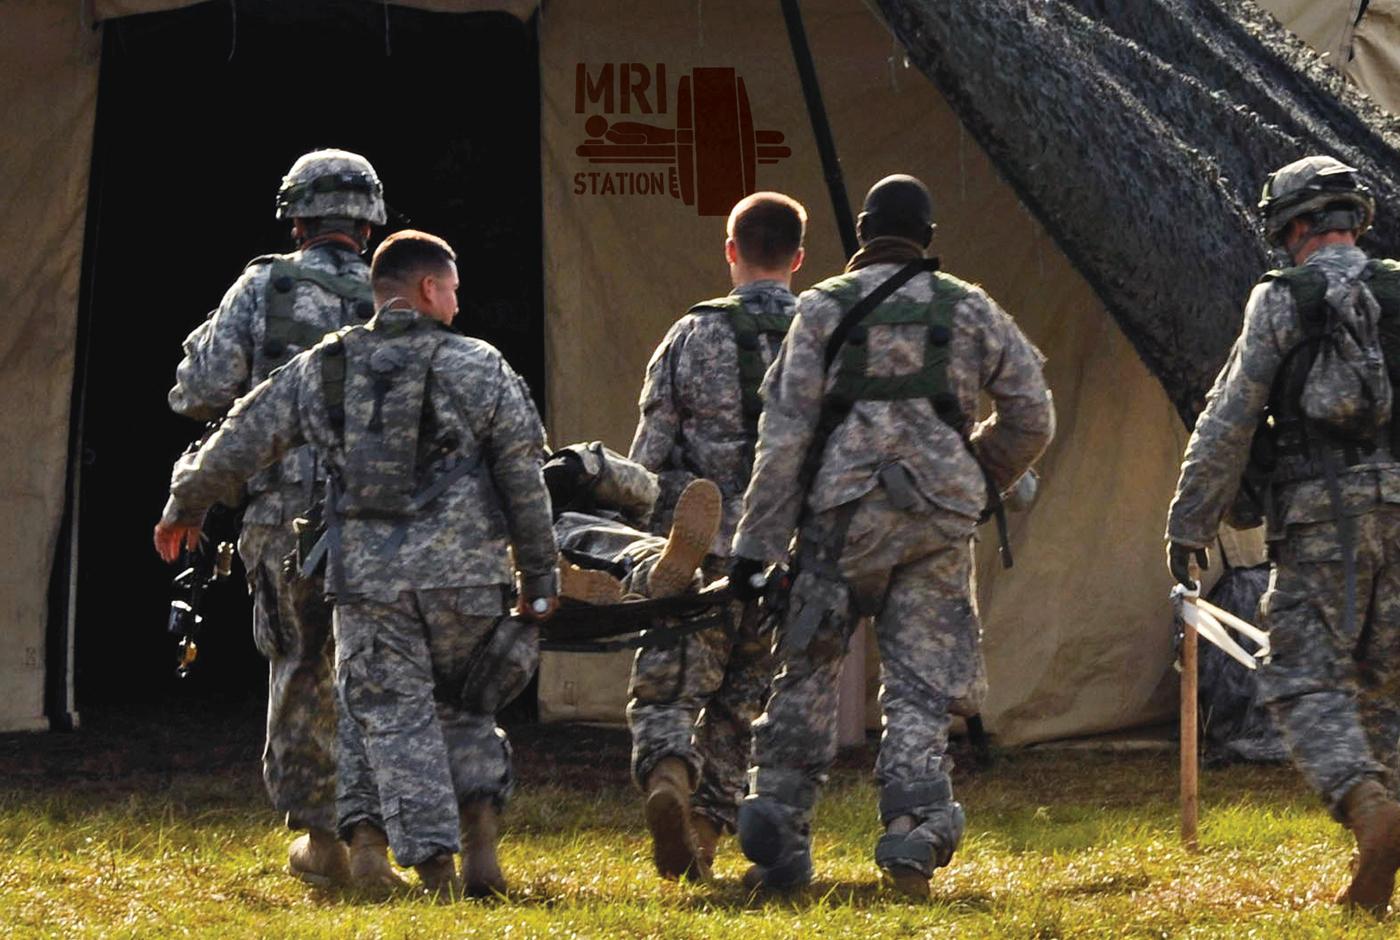 Battlefield MRI